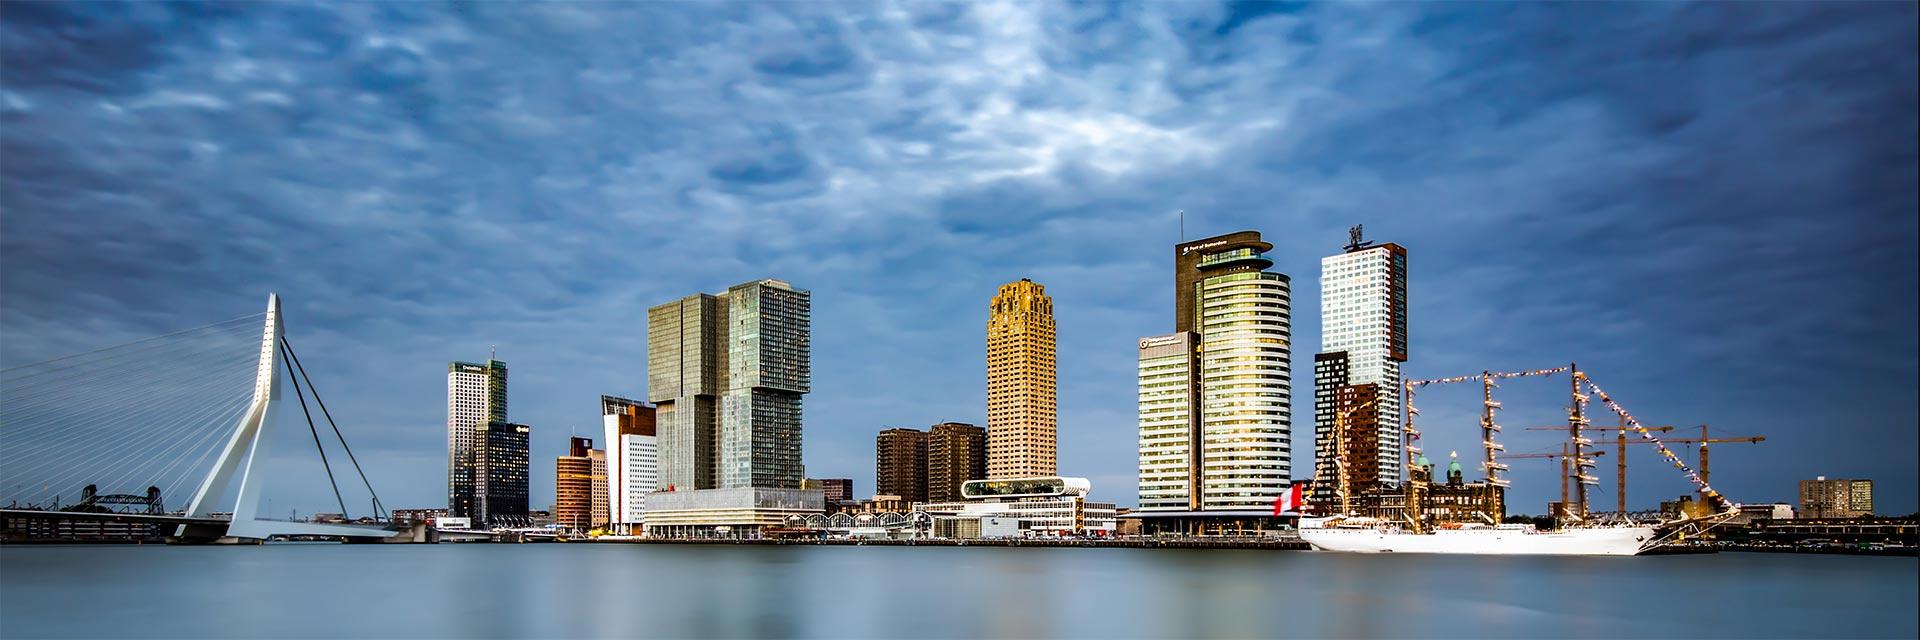 steden, rotterdam, schiedam, HDR fotografie